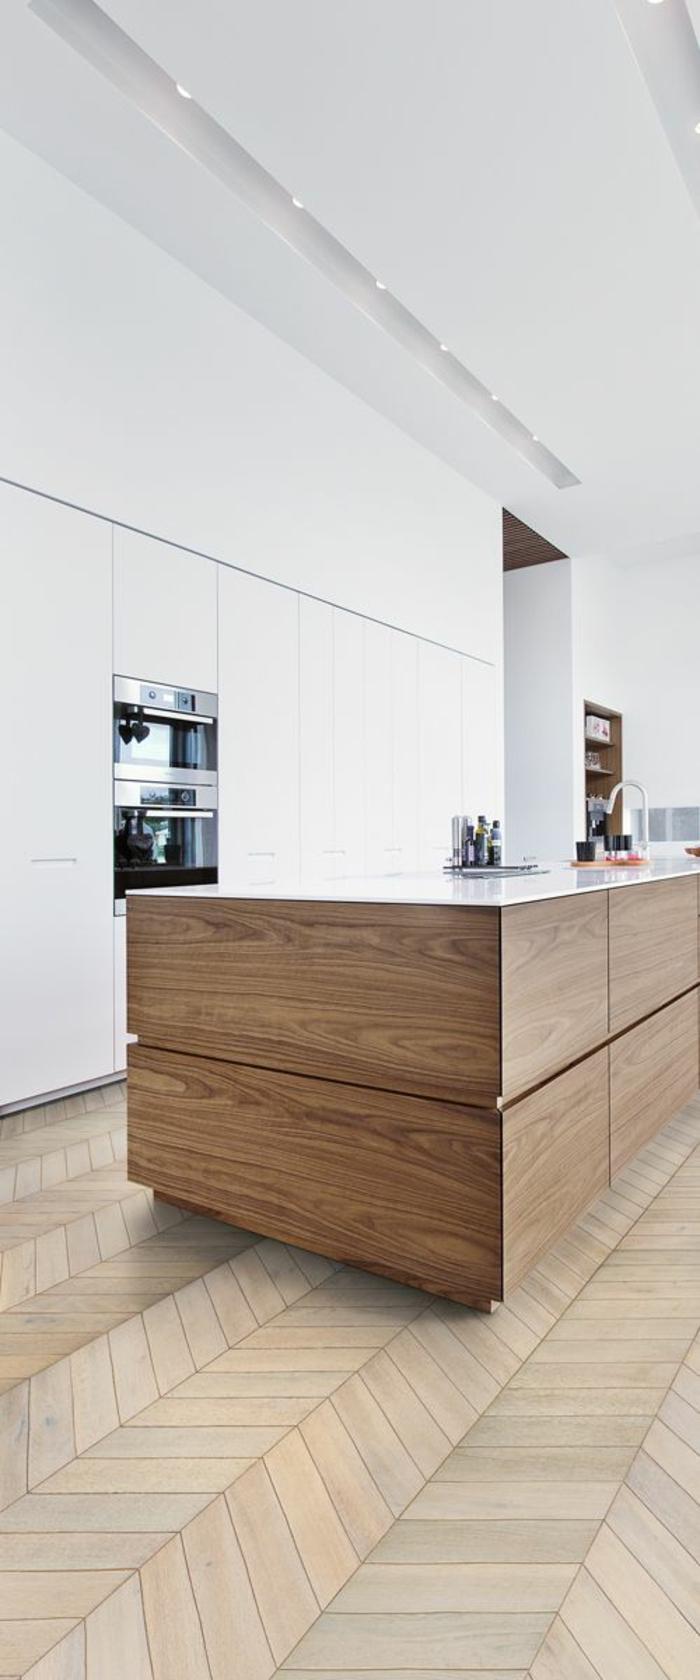 cuisine ilot, parquet beige, revetement ilot en bois PVC, plan de travail blanc, meubles blancs, dans un esprit minimaliste zen